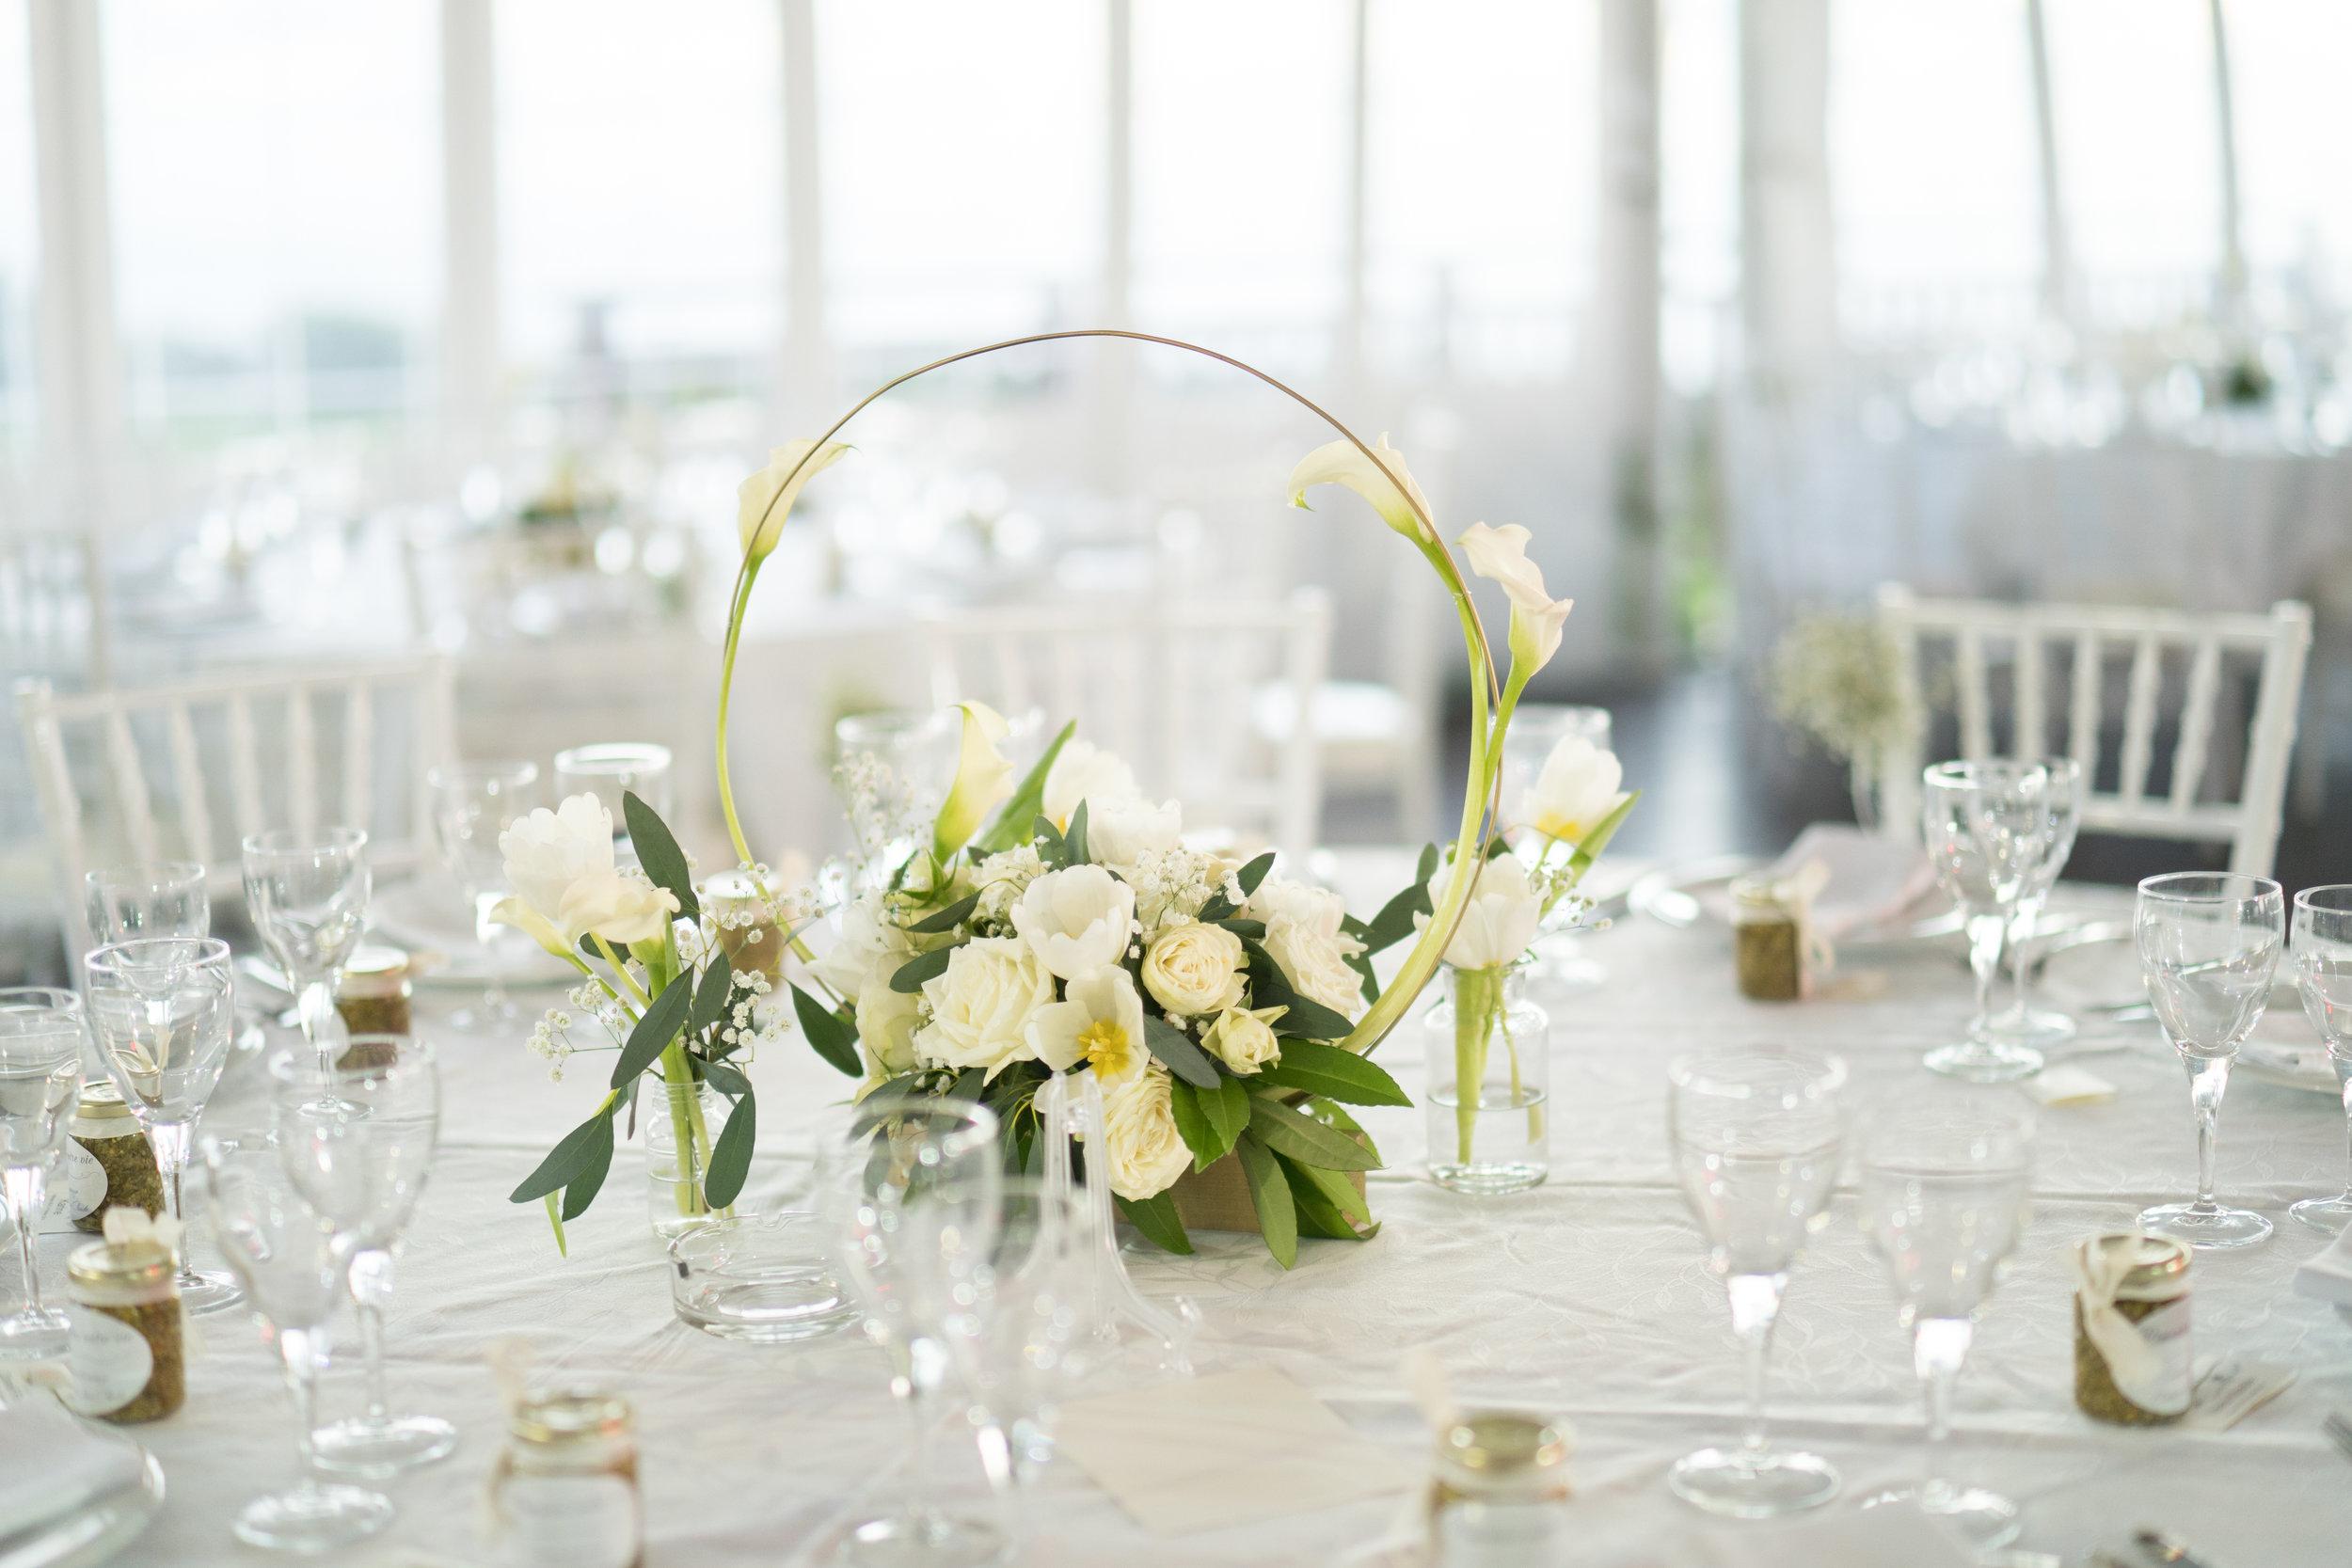 MRevenement organisation de mariage à la Réunion _ Mariage de B et JC (10).jpg